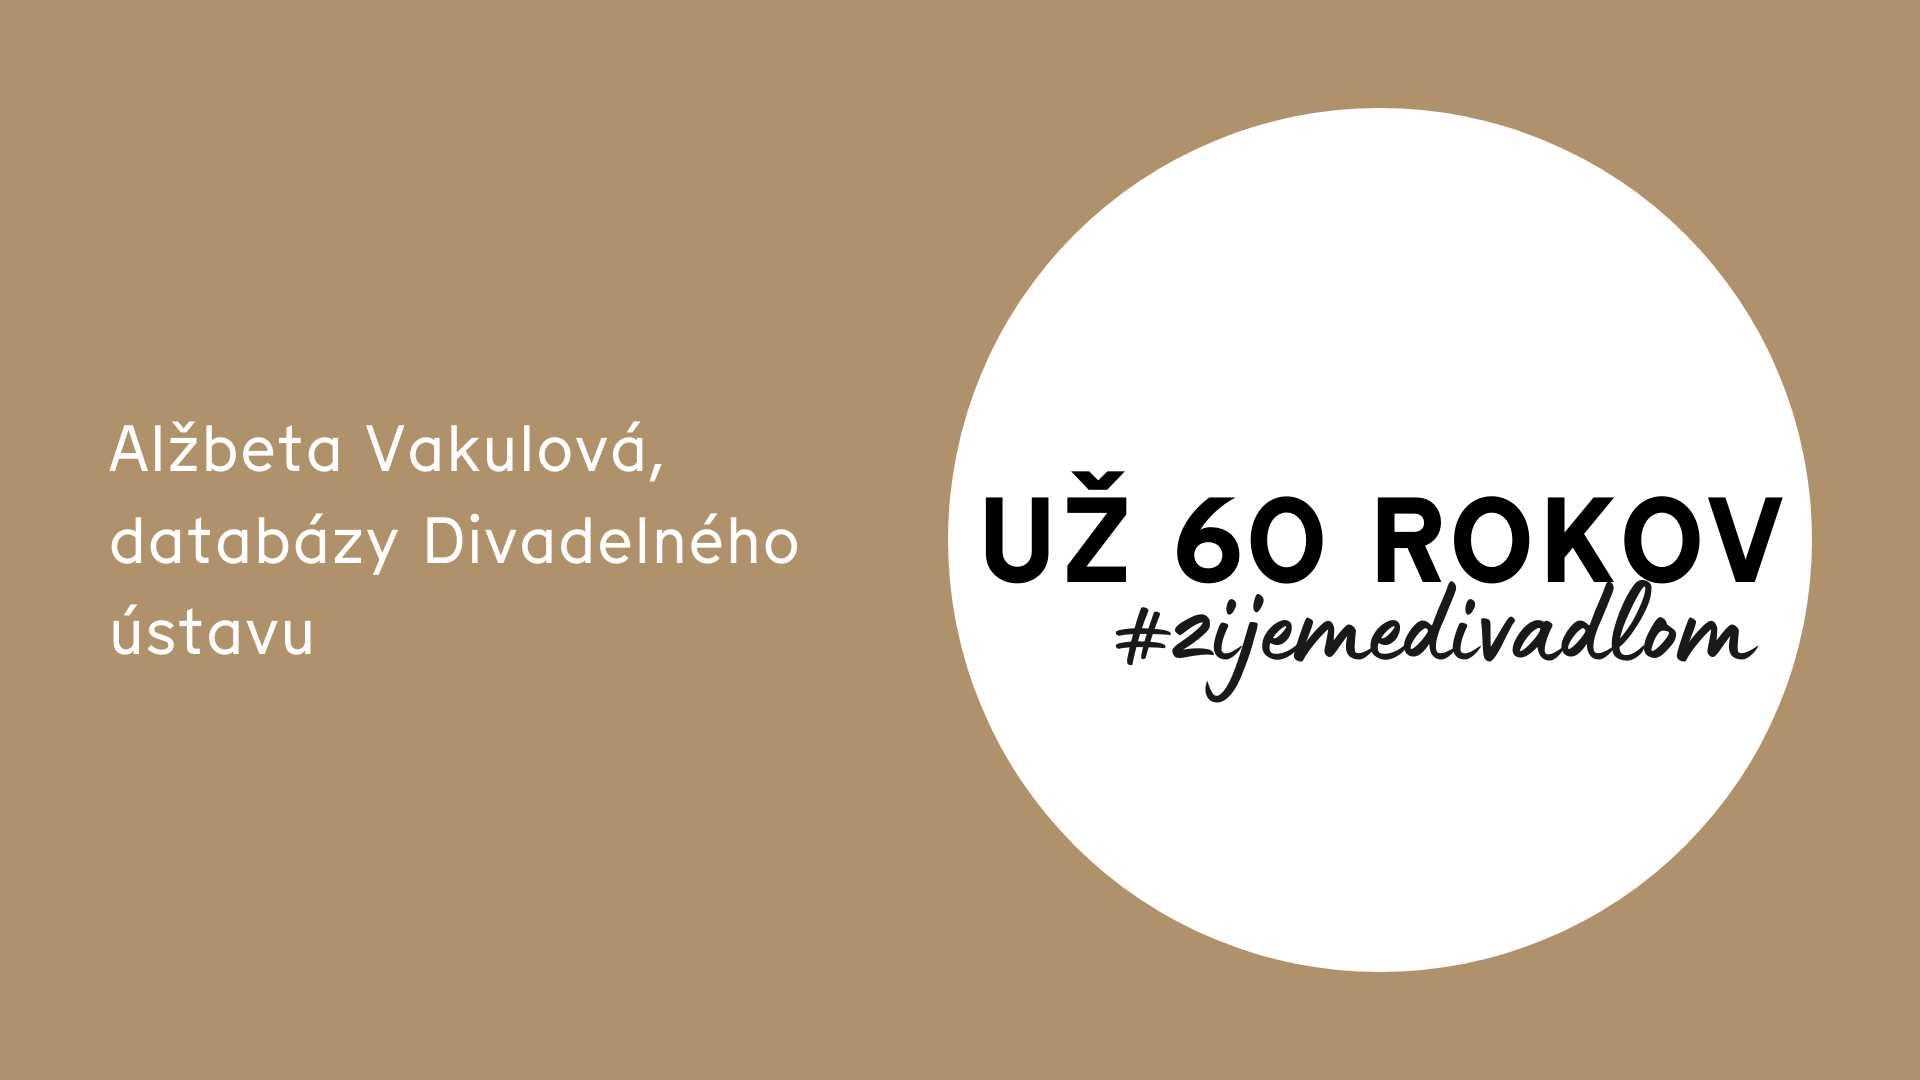 #DU60 | 4 | Databázy Divadelného ústavu